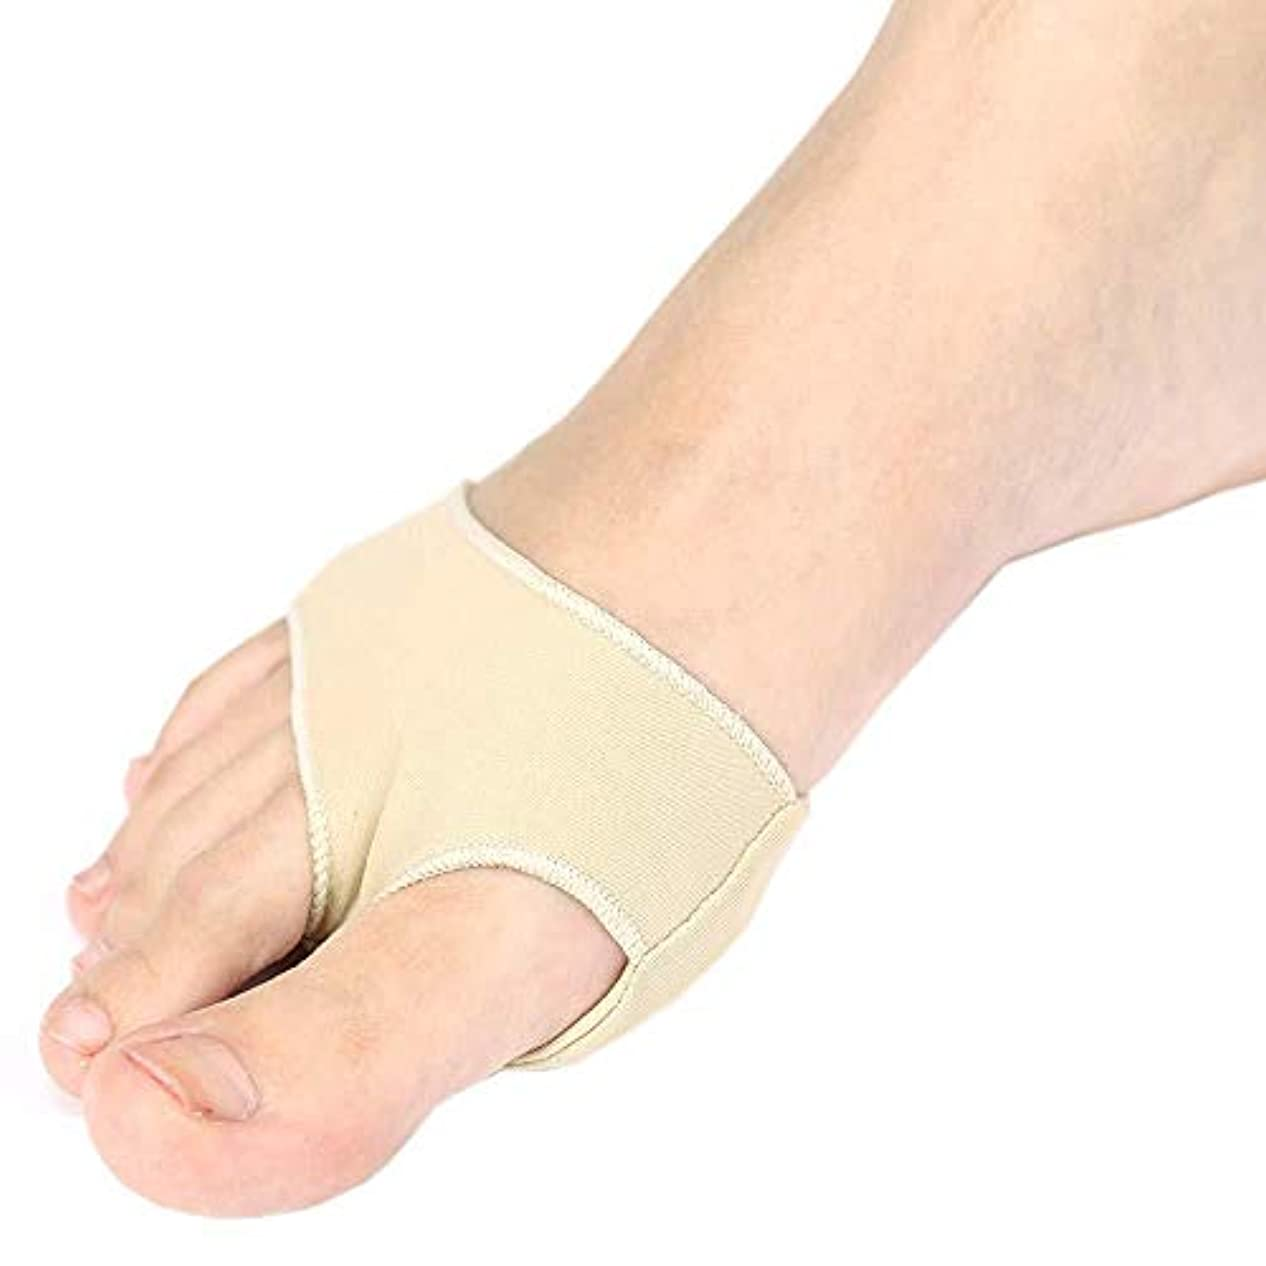 着陸皮肉なカスタムつま先と外反の分離のためのつま先セパレーター、足の親指矯正器、つま先矯正器、装具つま先セパレーター,L